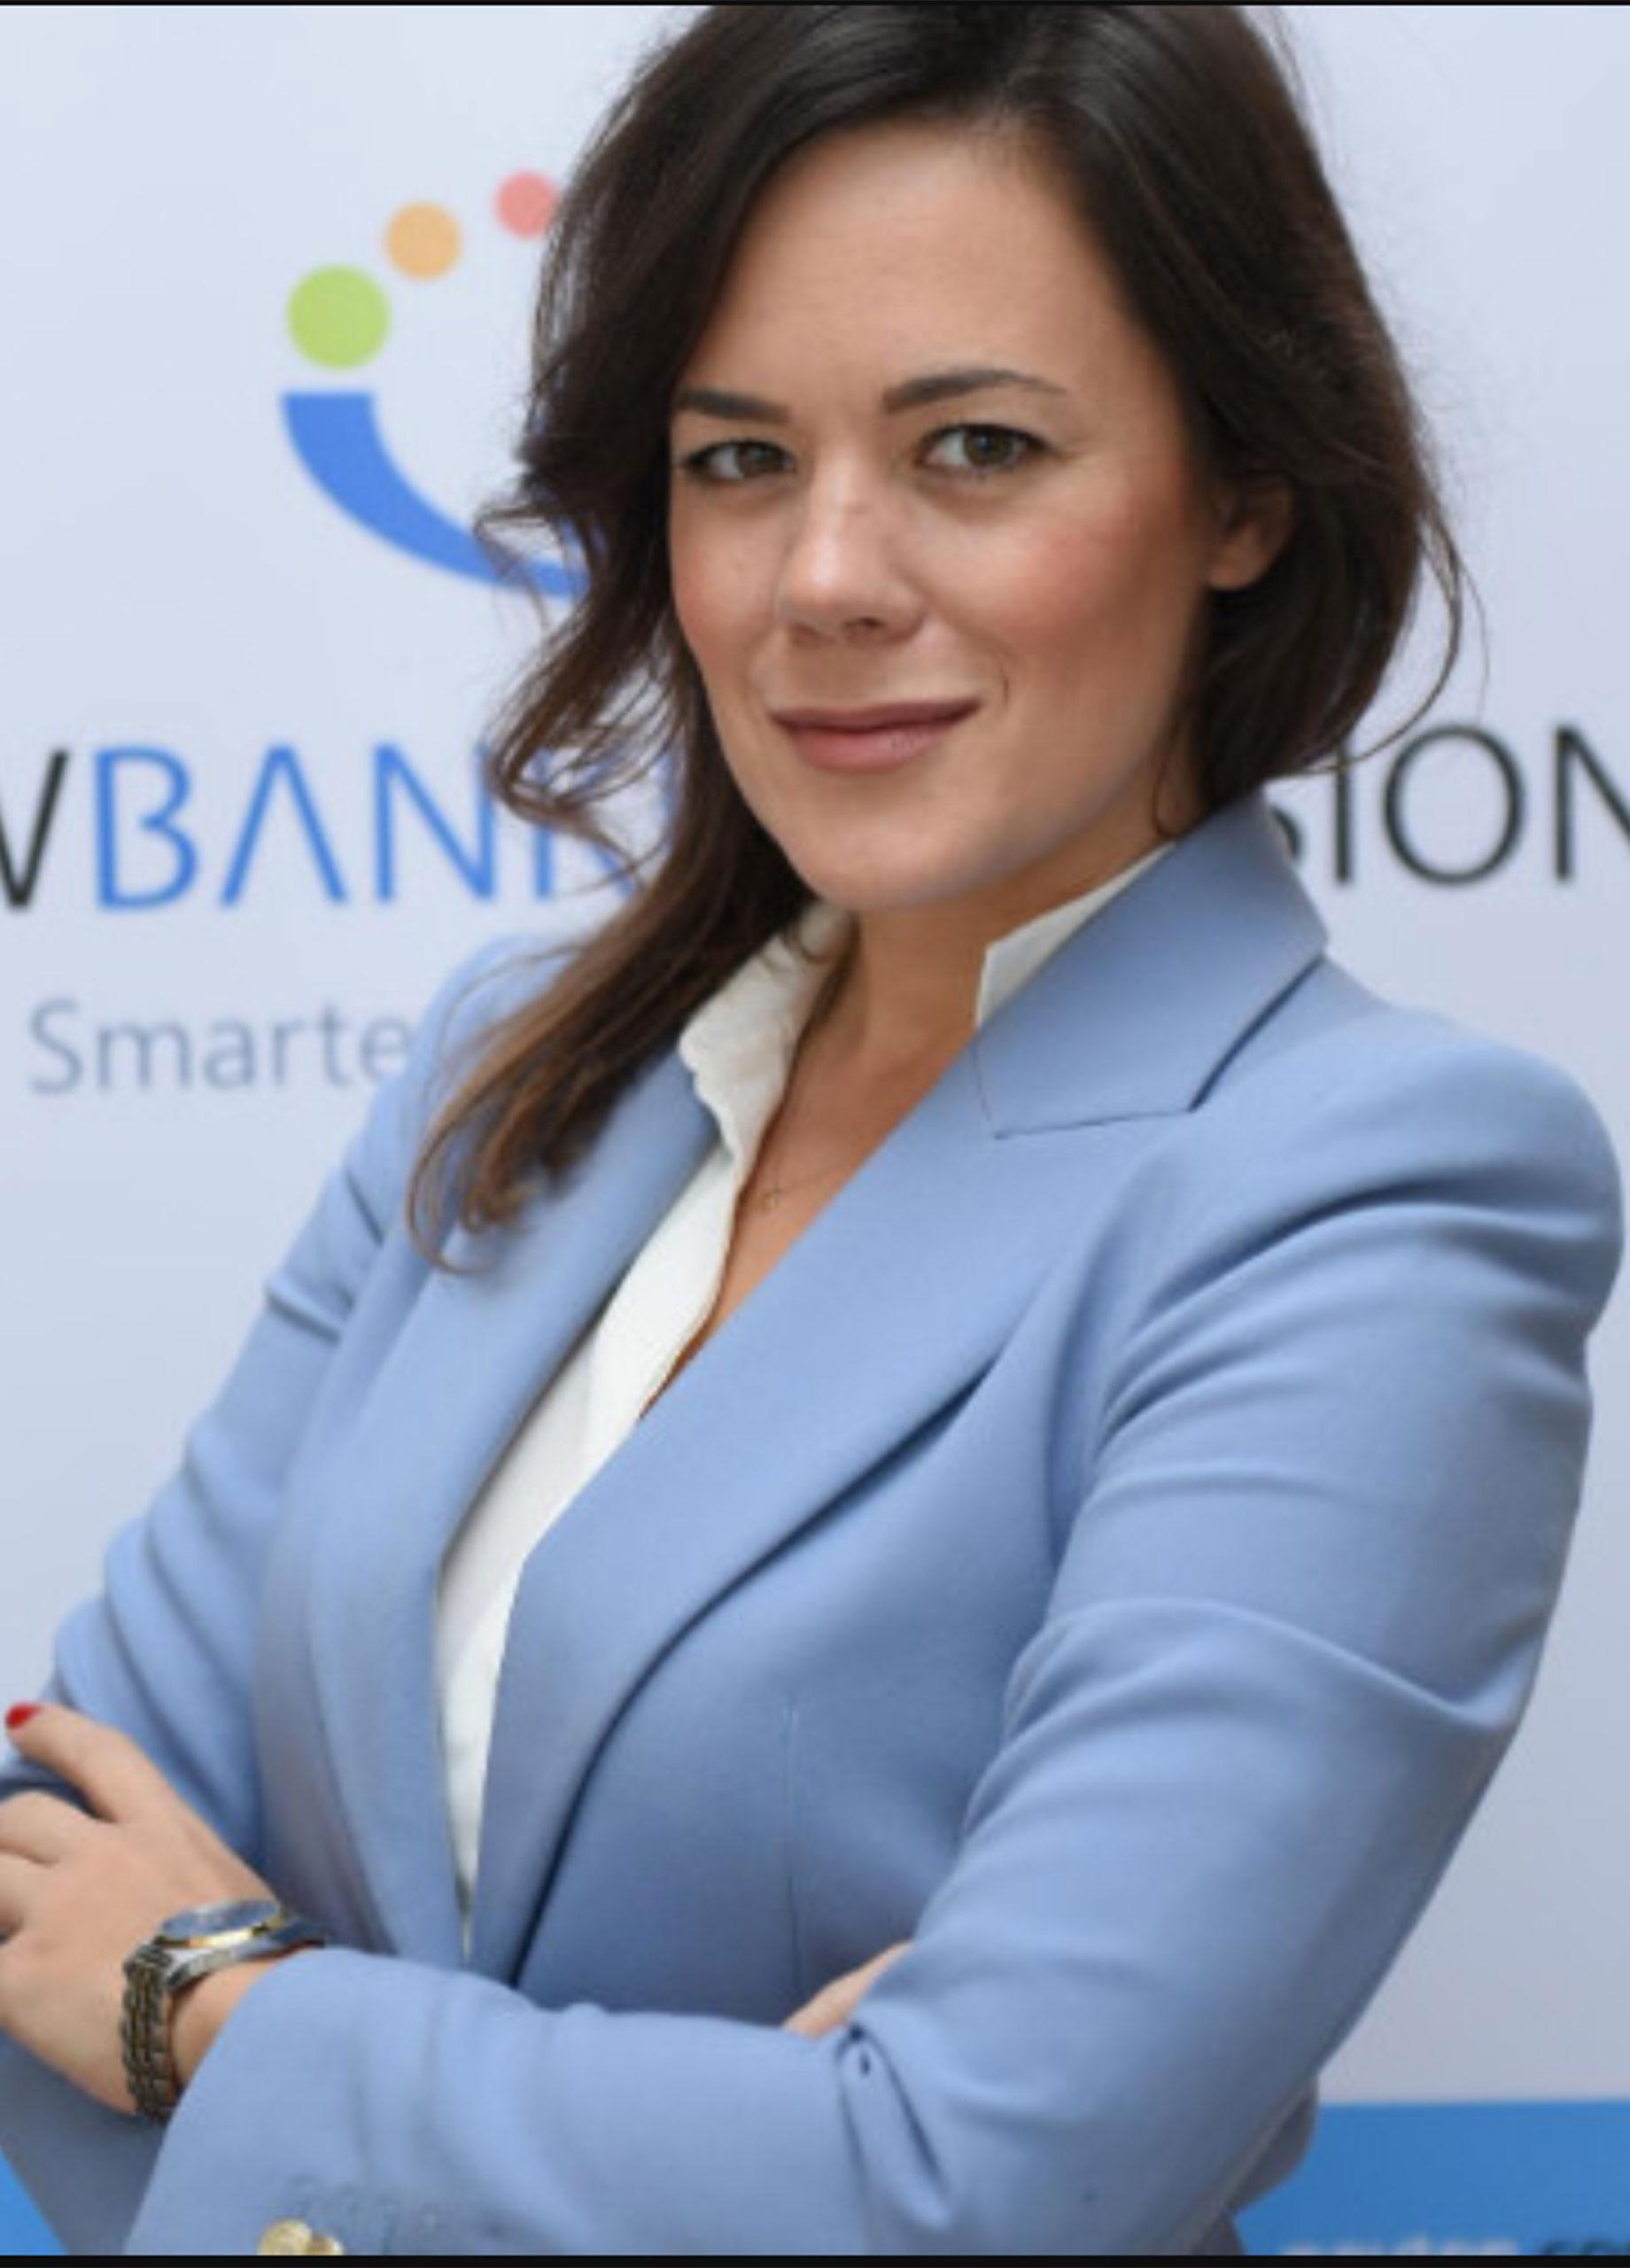 Jovana Rakic